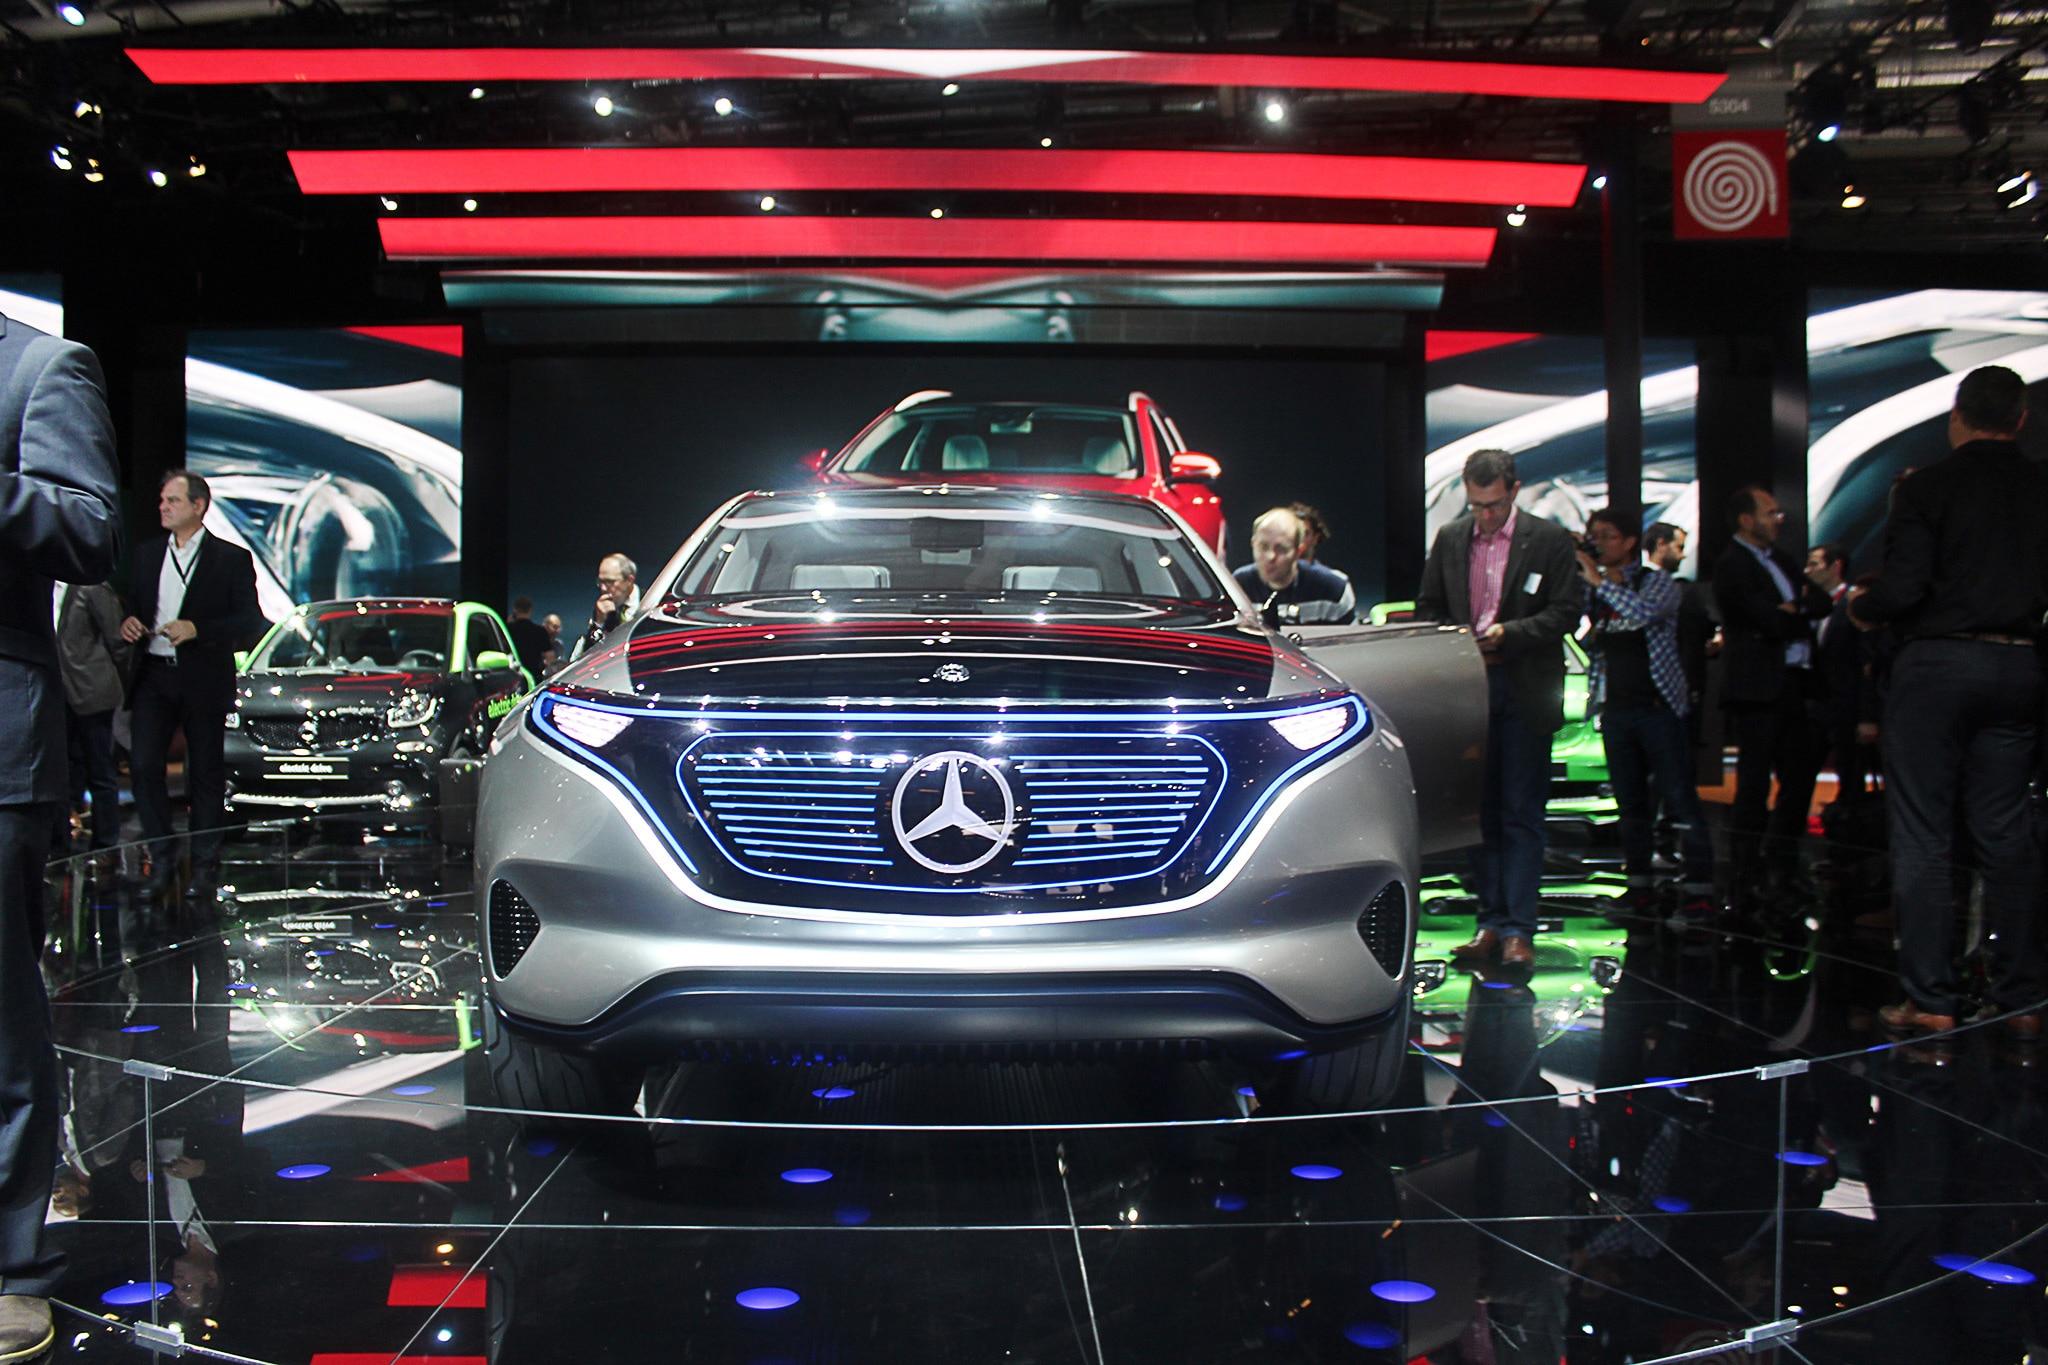 Mercedes Benz Reveals Electric Generation Eq Concept Suv